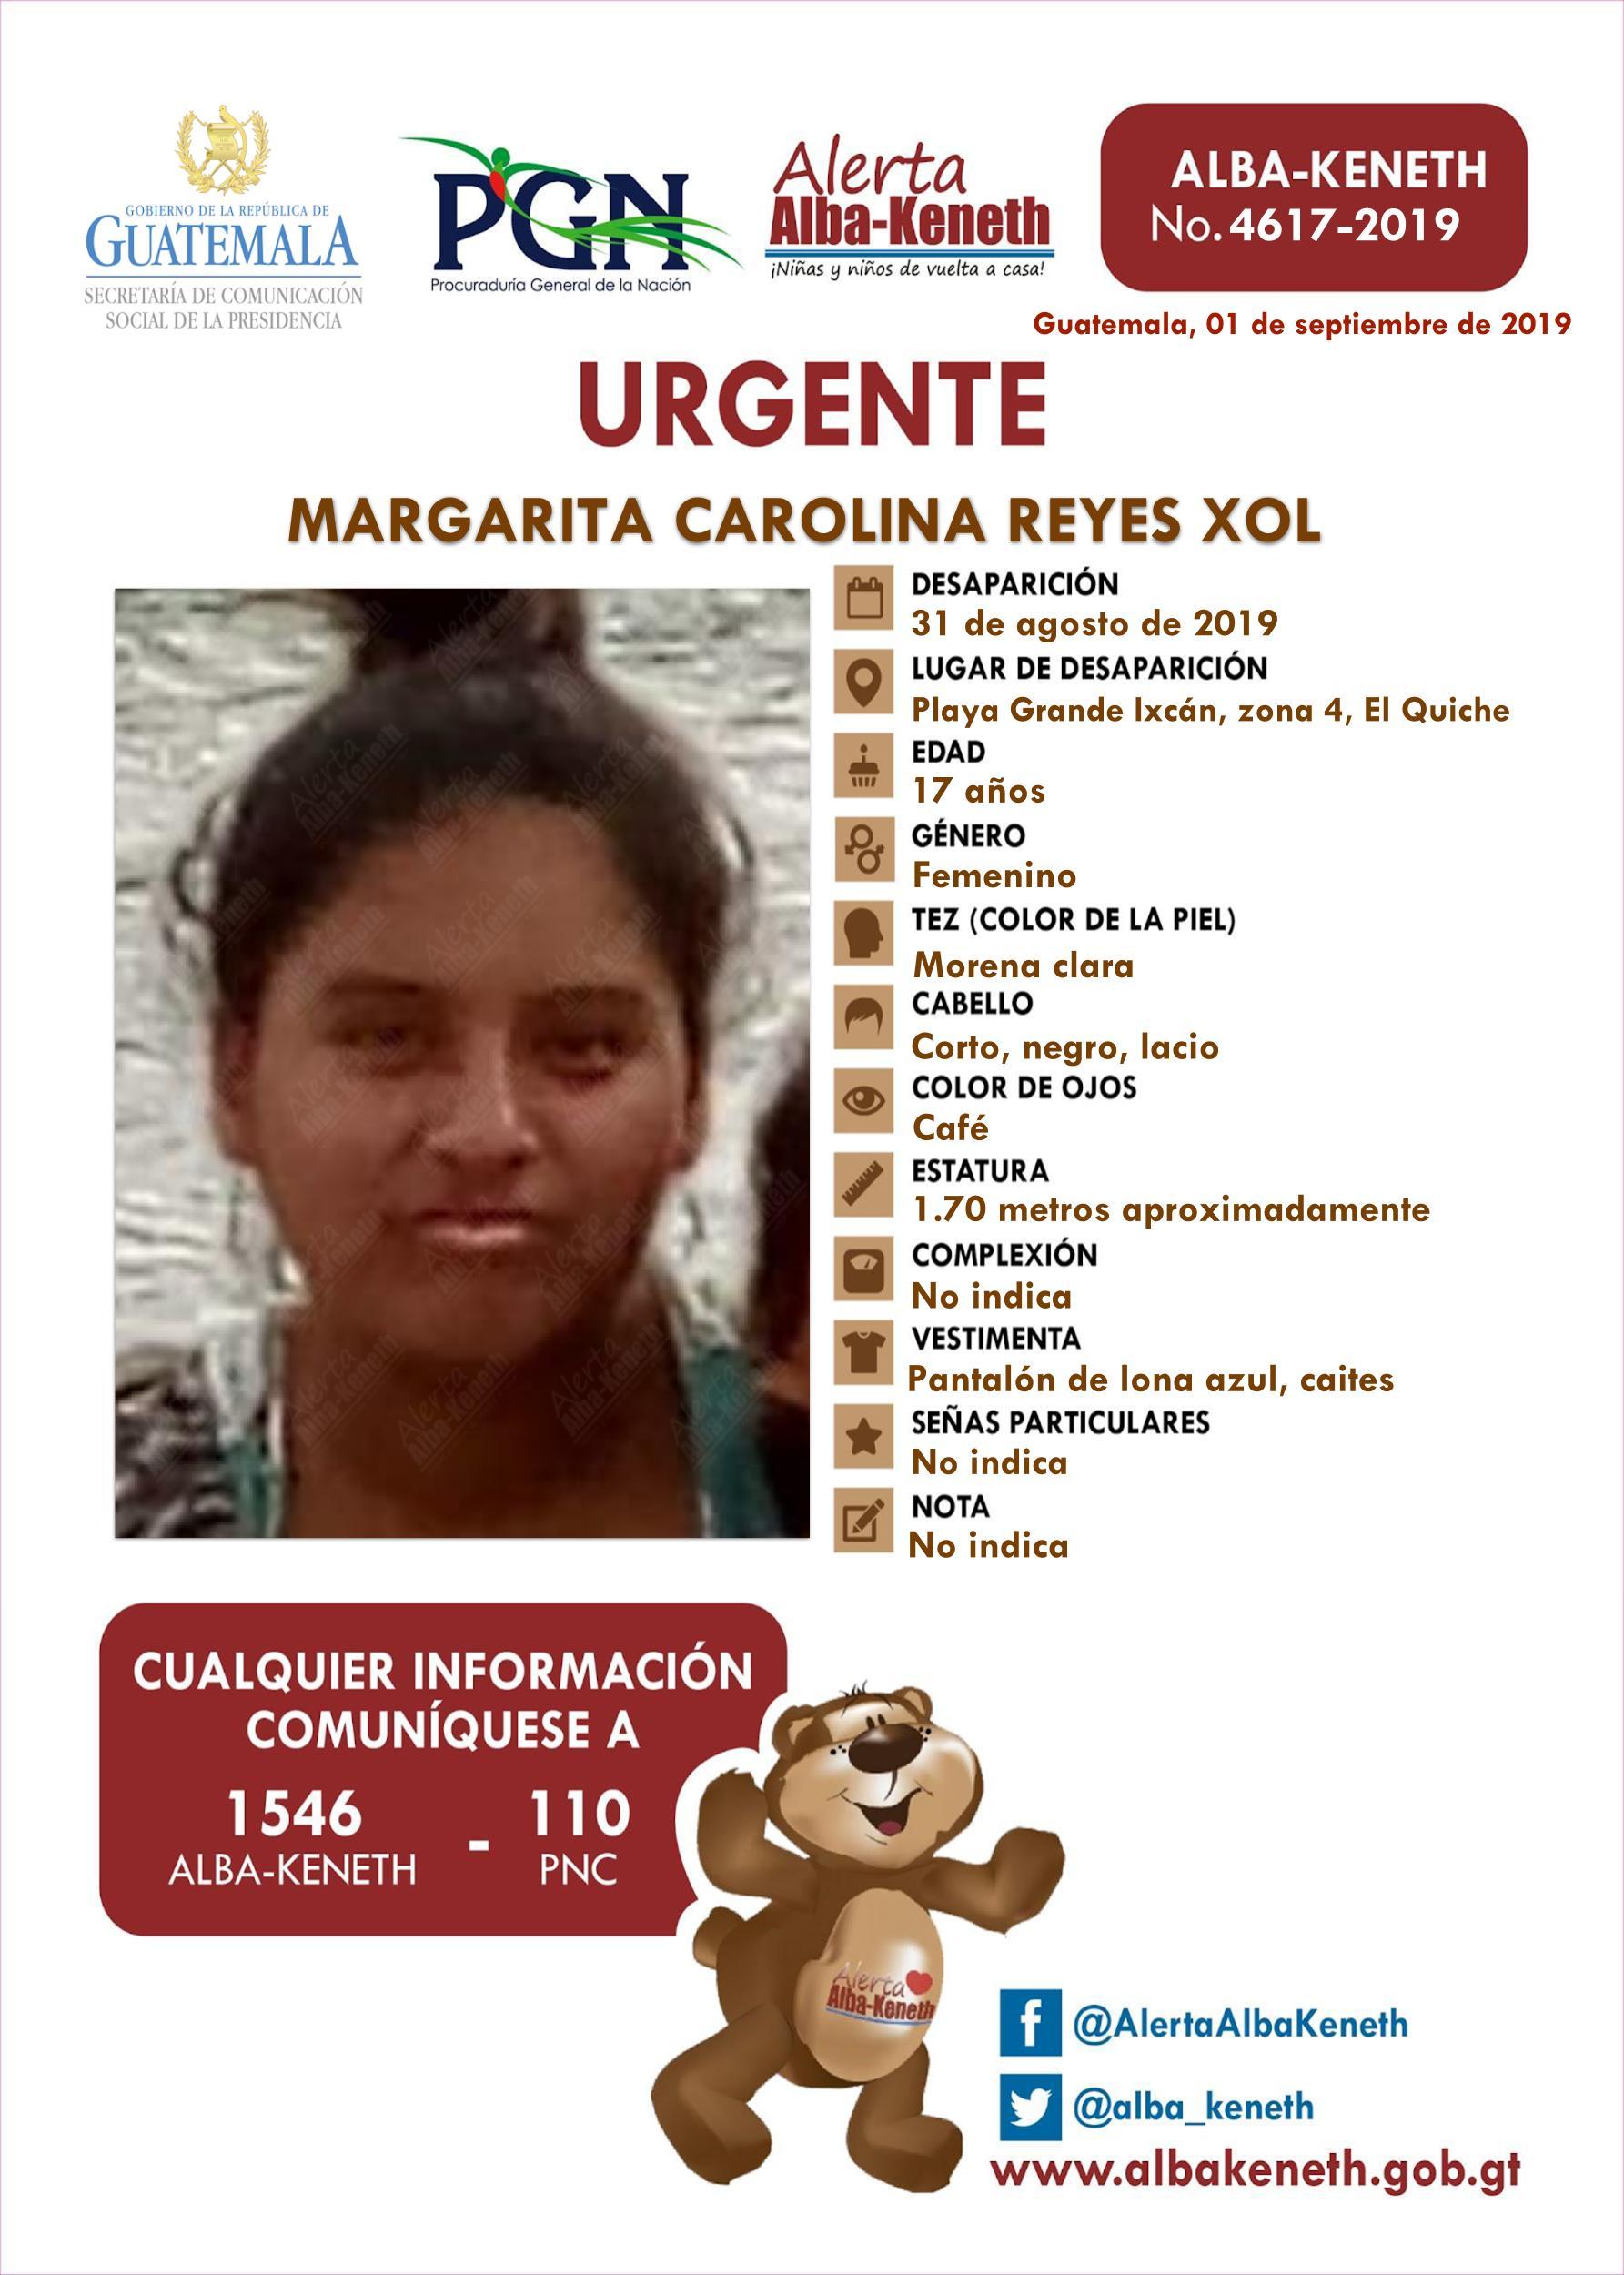 Margarita Carolina Reyes Xol